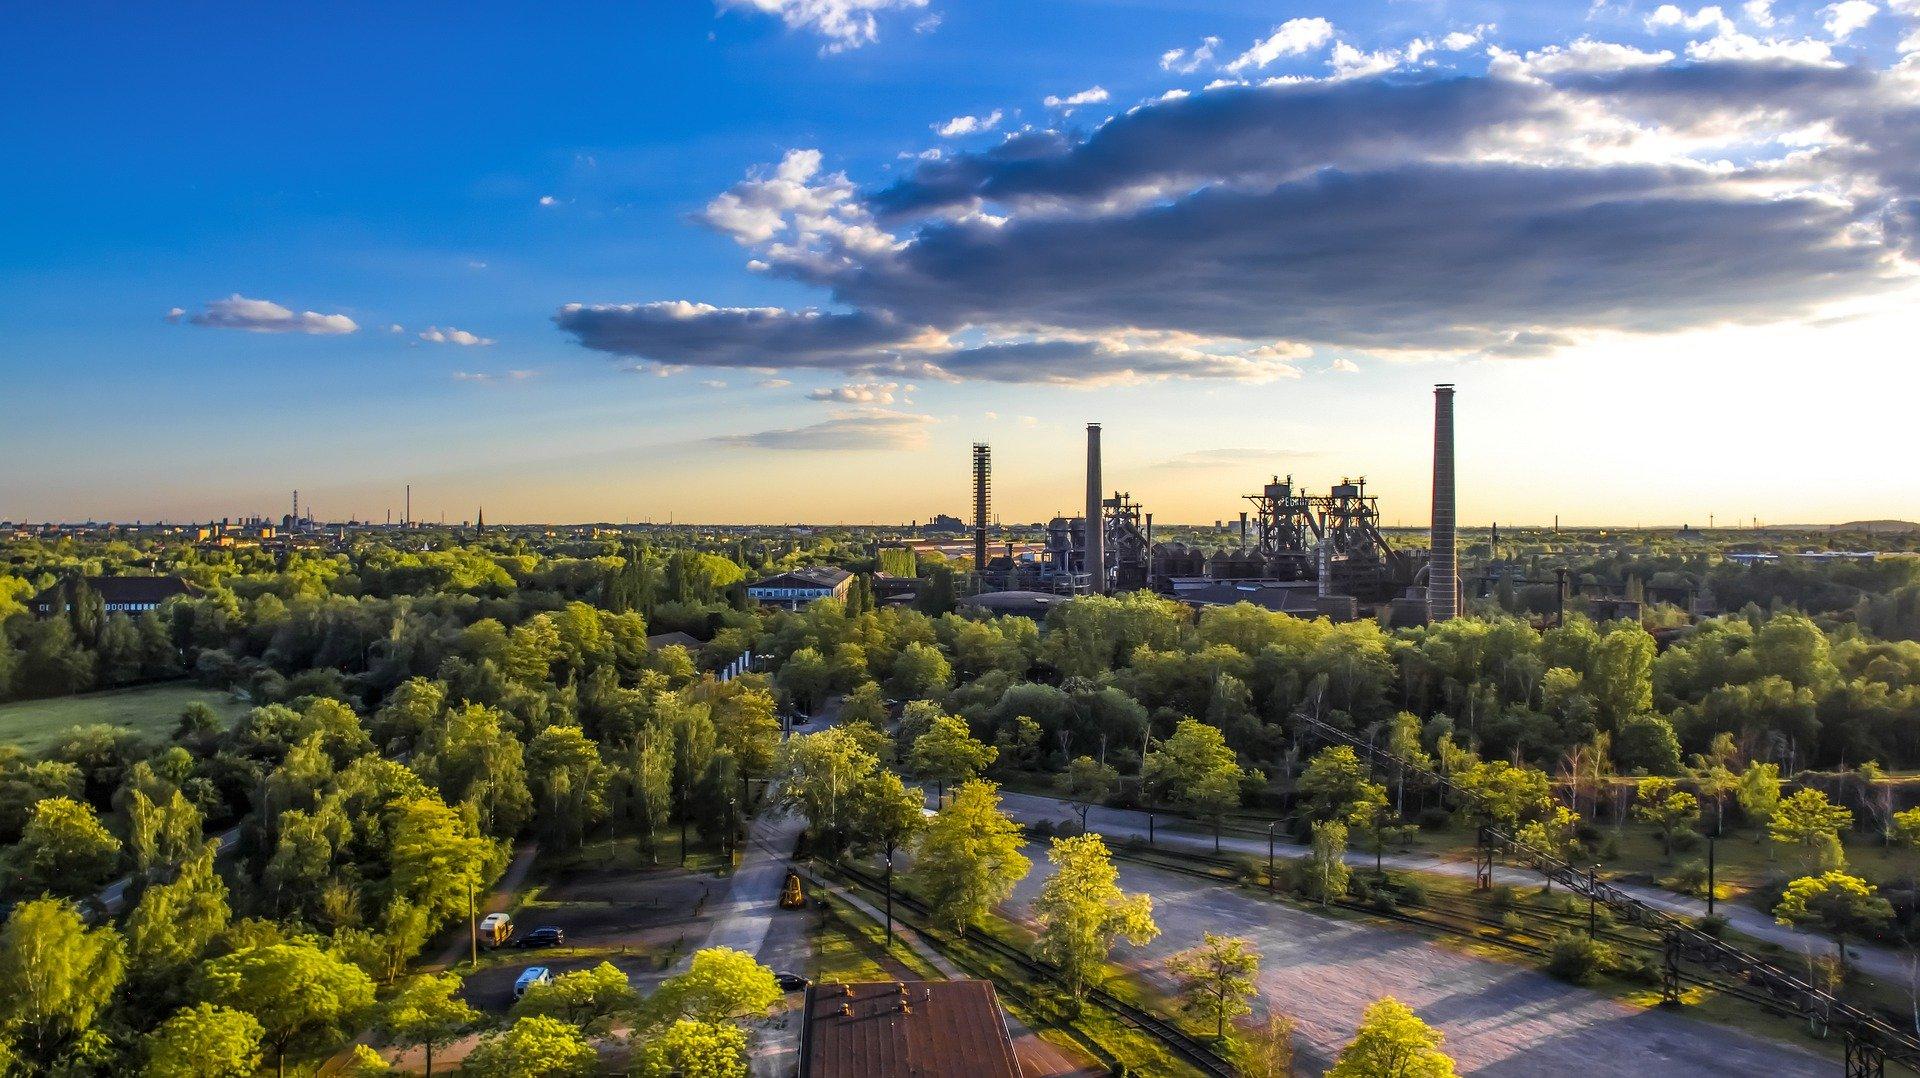 Landschaftspark Nord Duisburg © Pixabay, Unlike_You Photography